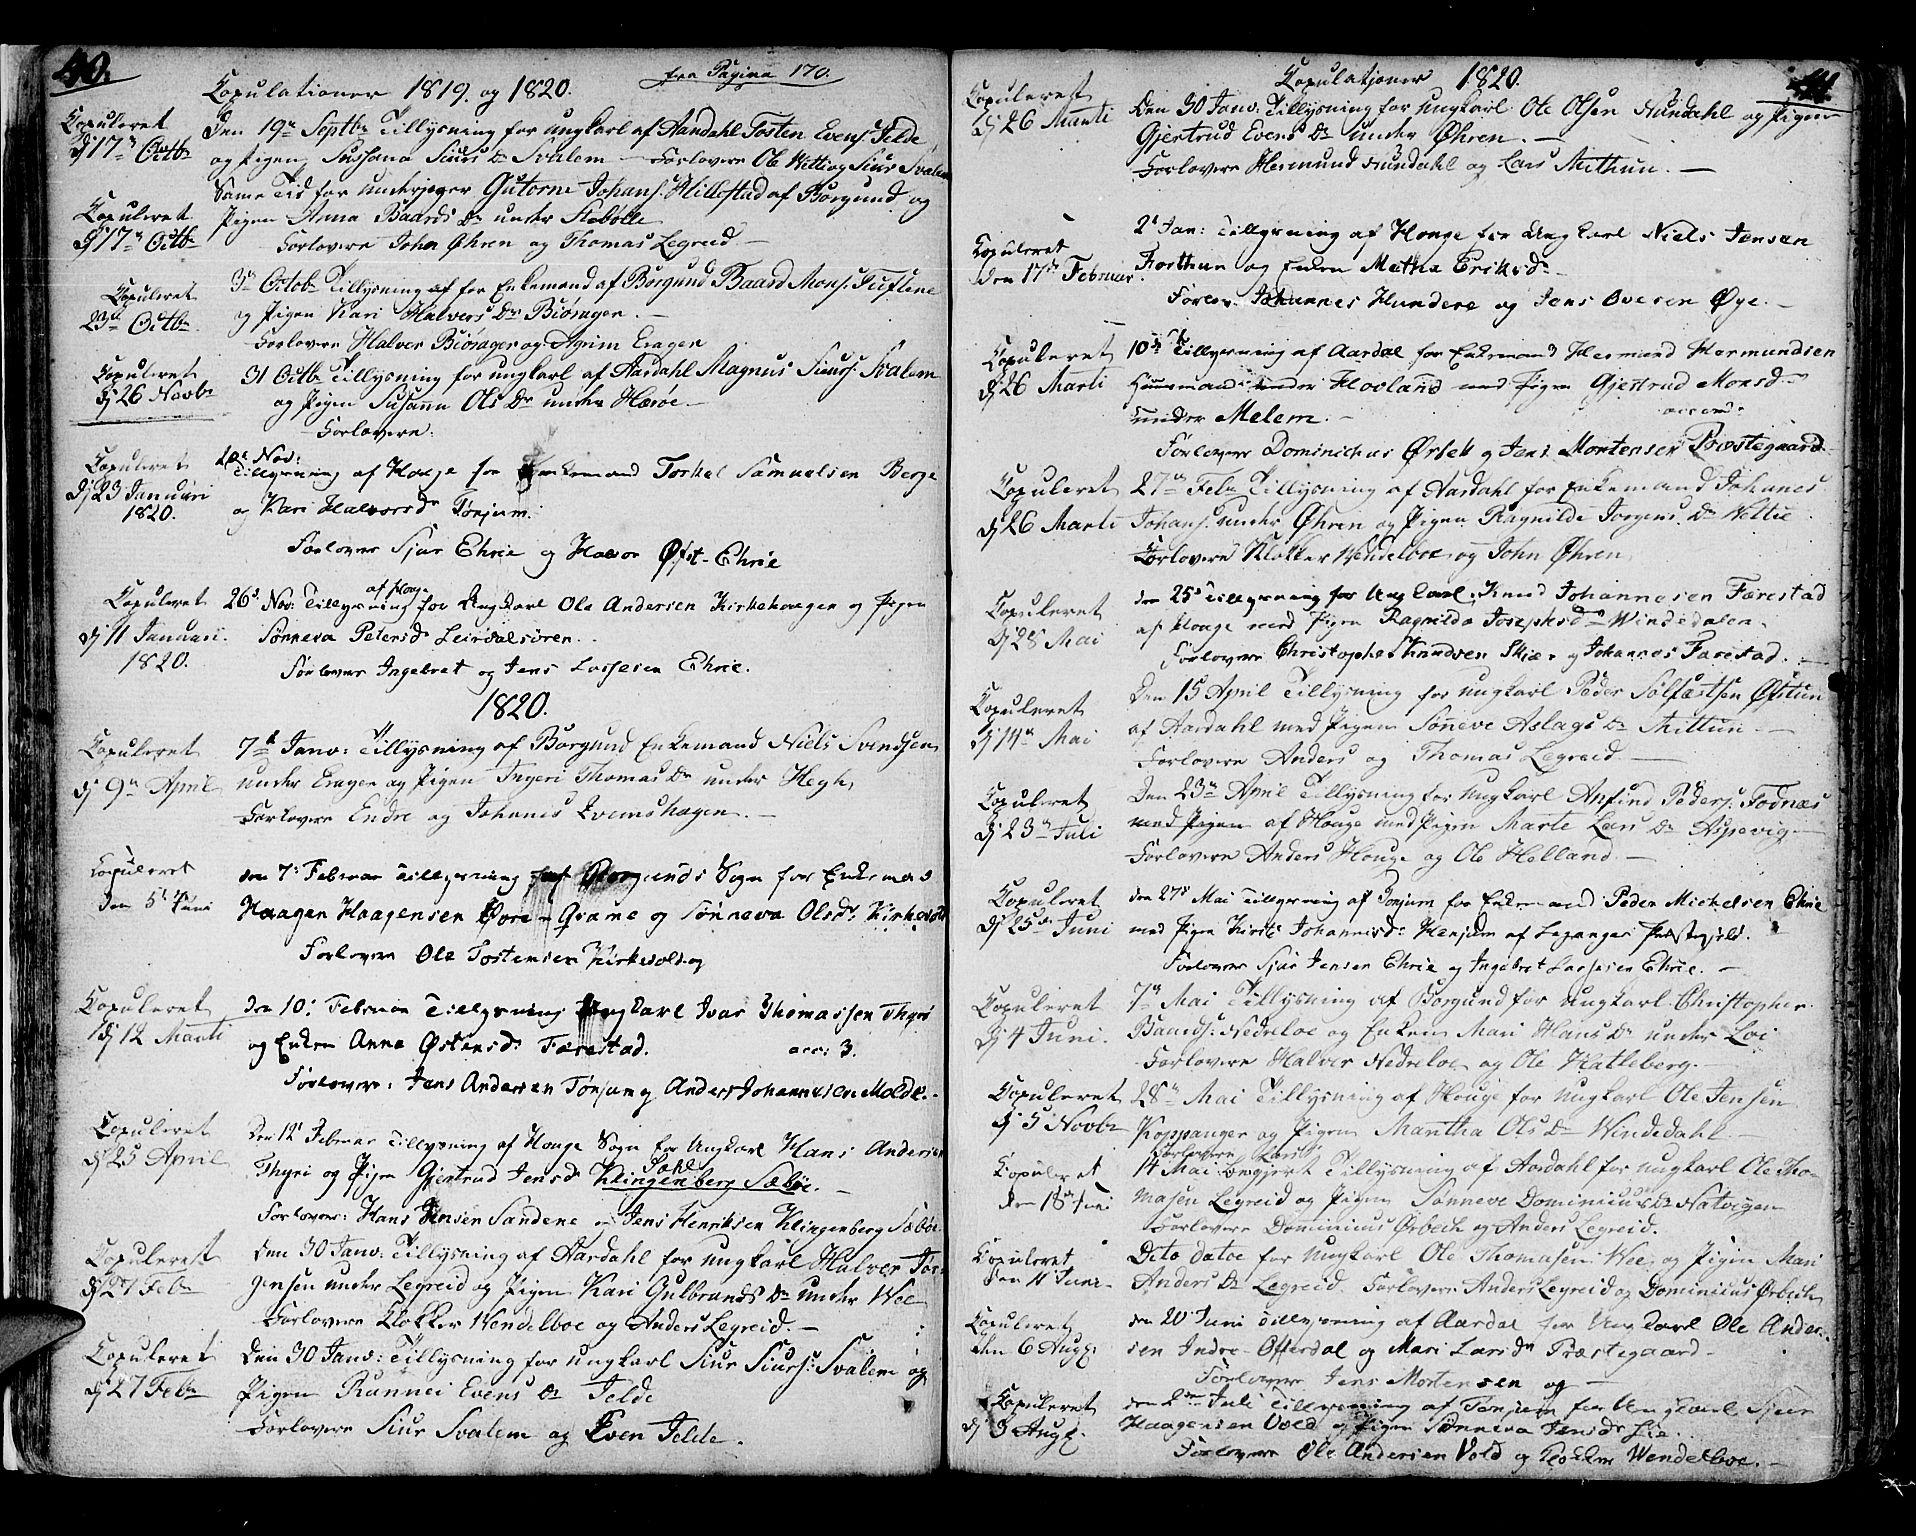 SAB, Lærdal sokneprestembete, Ministerialbok nr. A 4, 1805-1821, s. 40-41